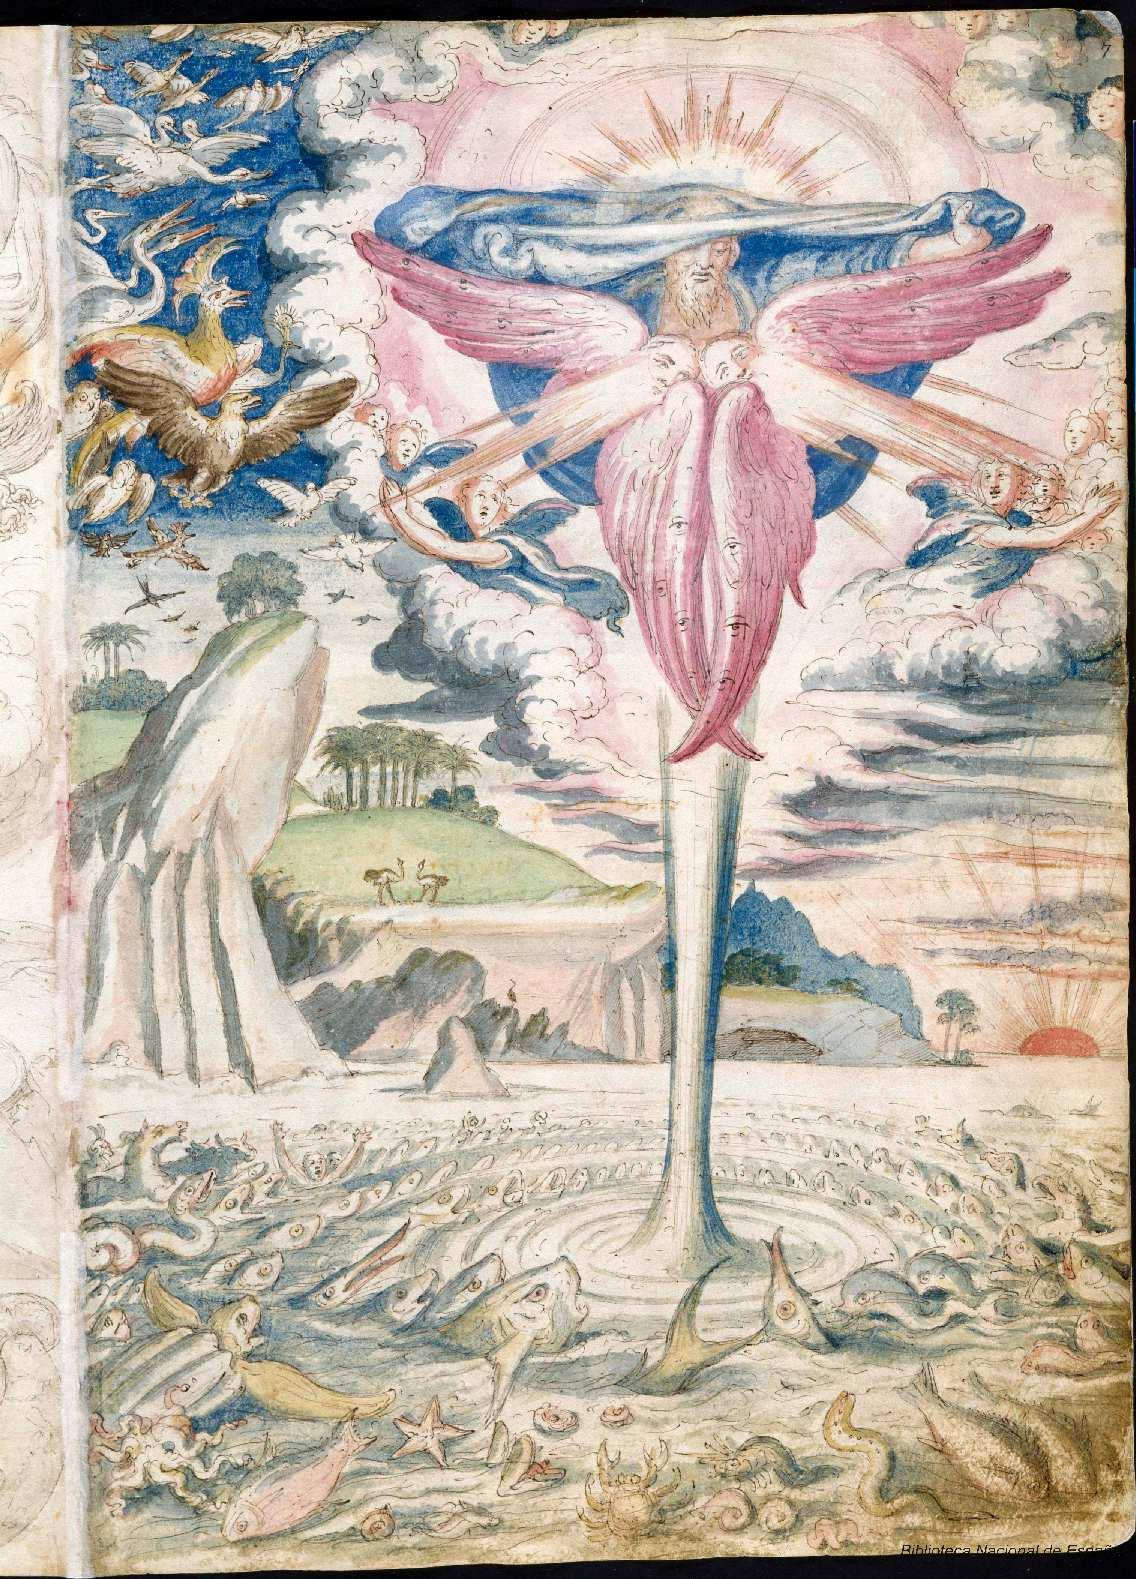 De la Pintura antigua. Francisco de Holanda y el Renacimiento hispánico.